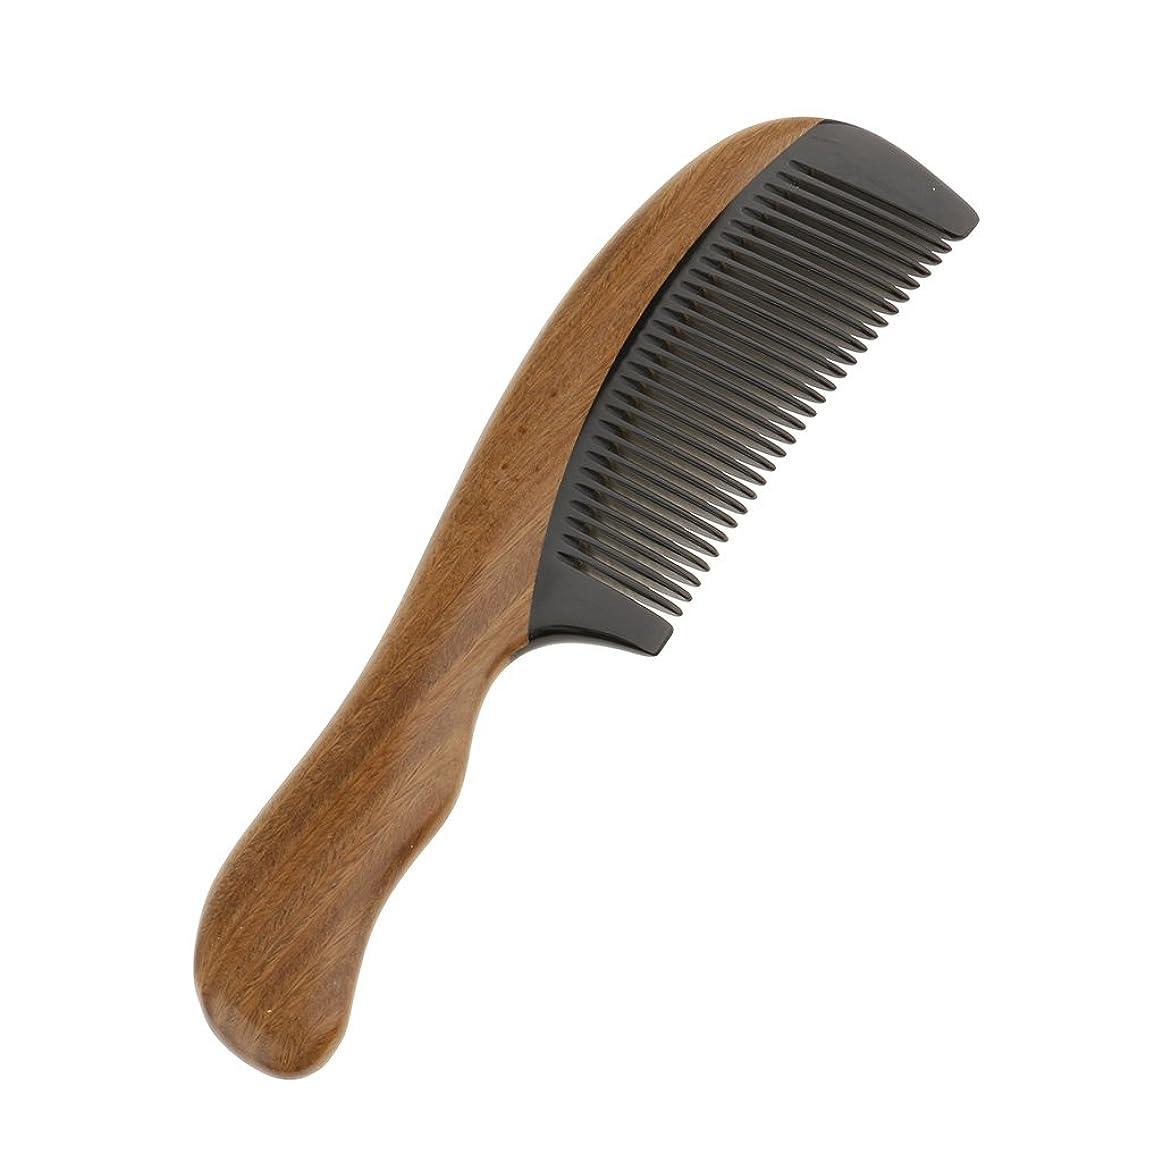 いう戸棚手がかりPerfk 木製 櫛 ヘアケア マッサージ コーム ウッド ポケット ヘアブラシ 高品質